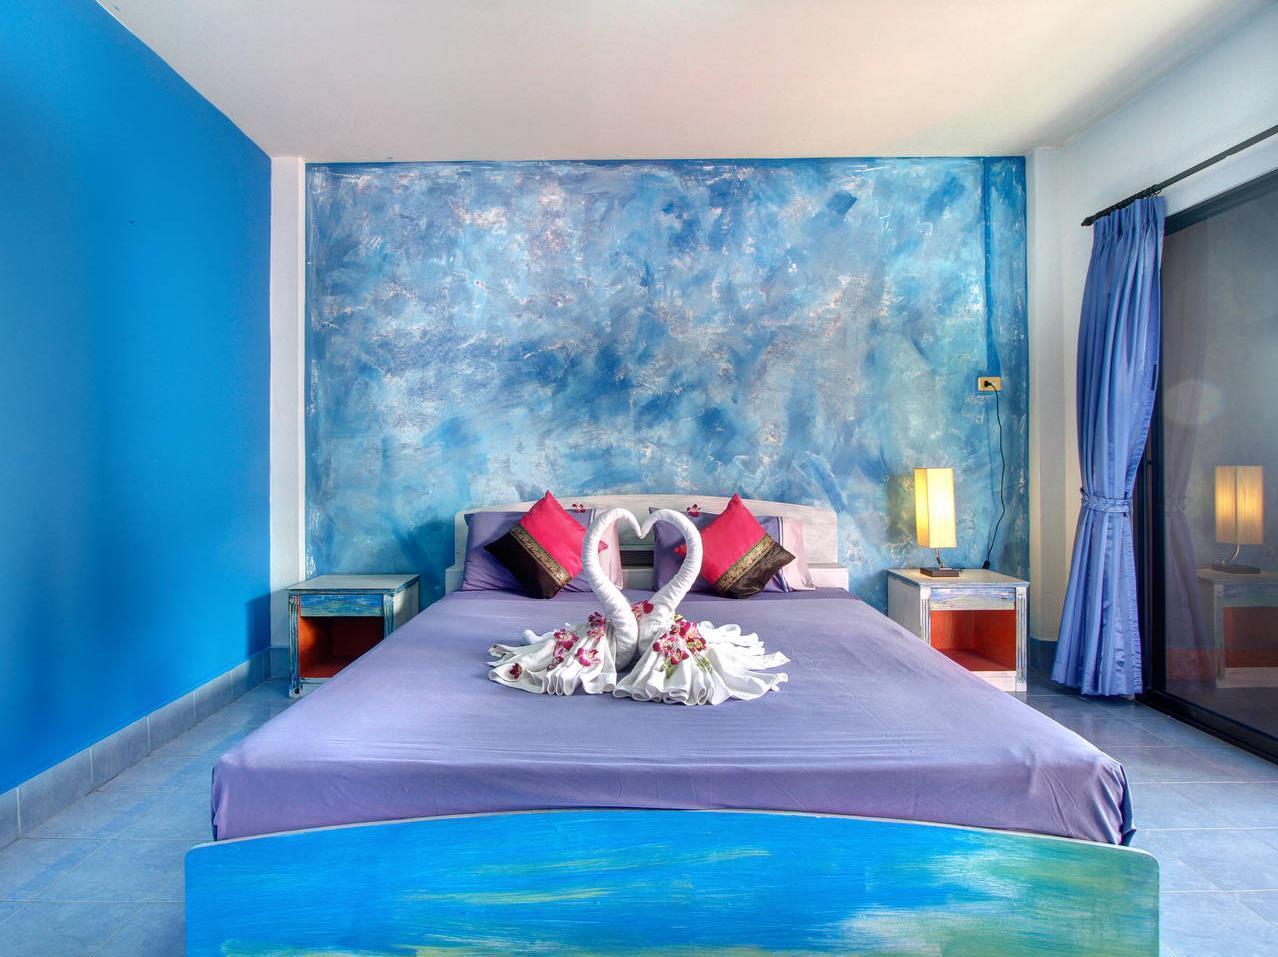 Hotell Belle Cose Guesthouse i Patong, Phuket. Klicka för att läsa mer och skicka bokningsförfrågan